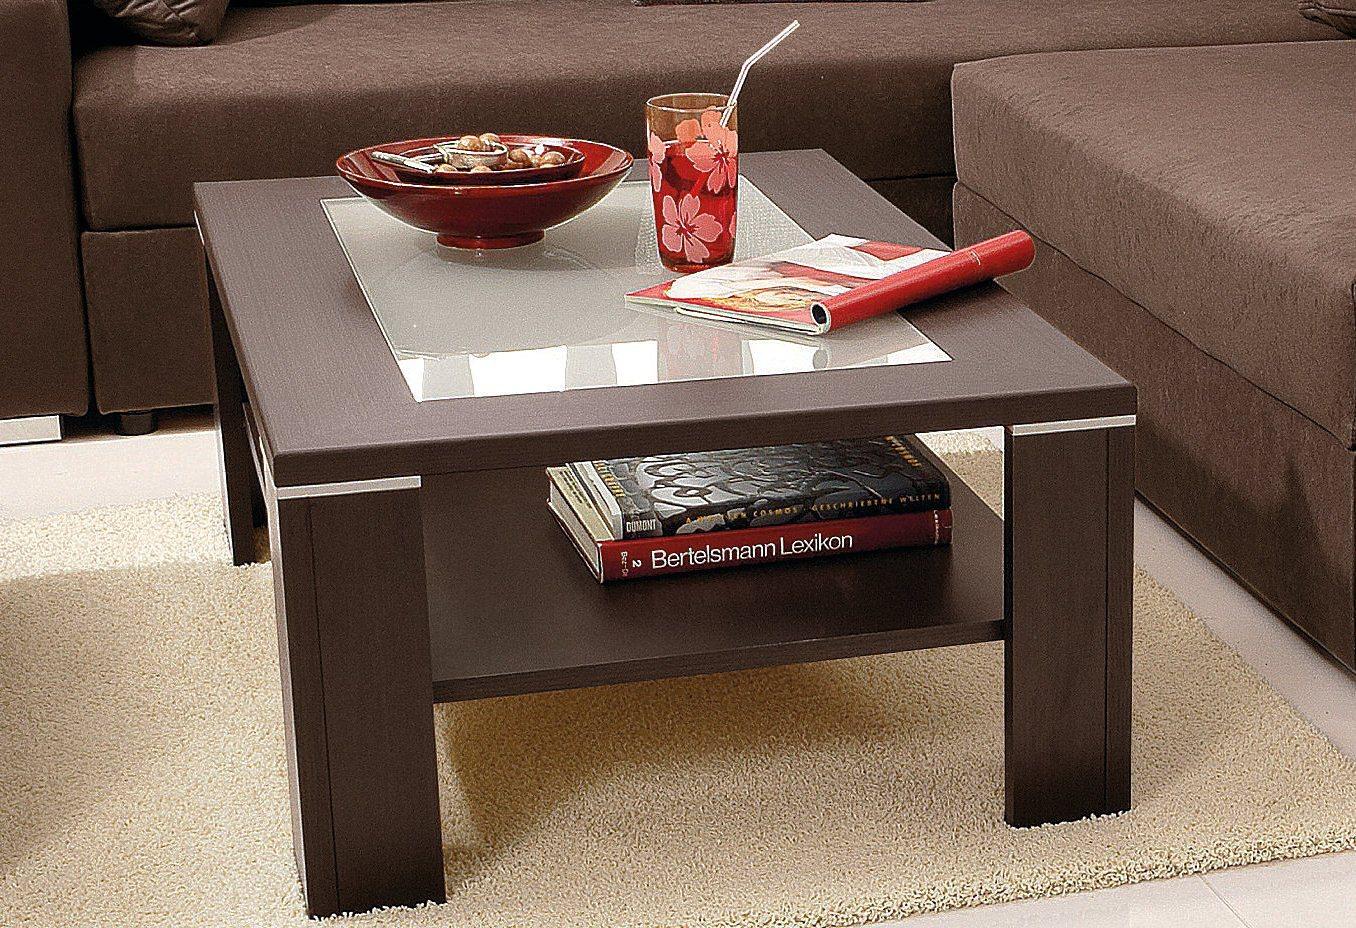 couchtisch modern preisvergleiche erfahrungsberichte. Black Bedroom Furniture Sets. Home Design Ideas